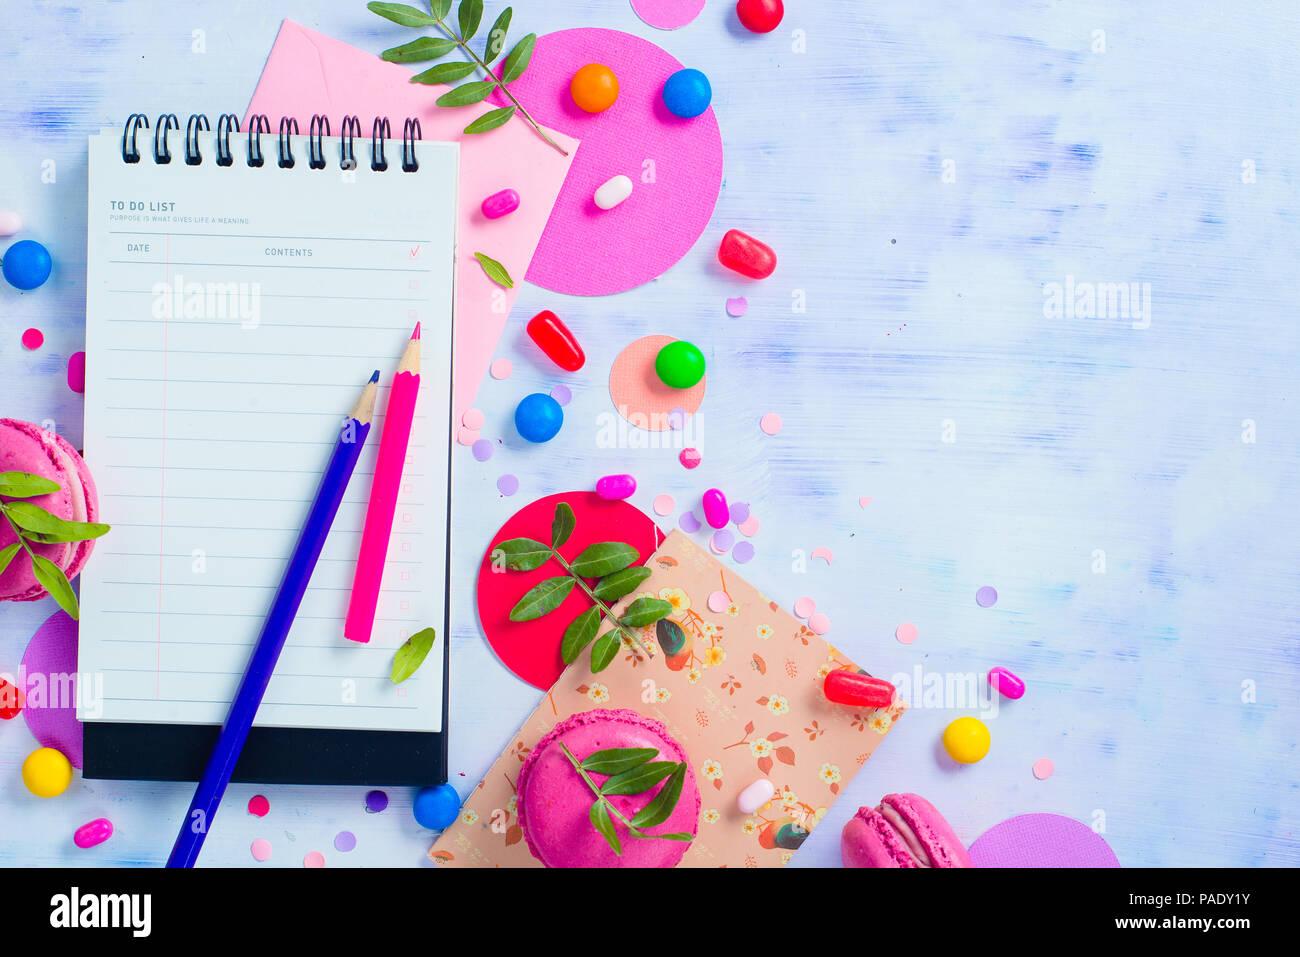 Parte il concetto di pianificazione. Sfondo con coriandoli, taccuini, cancelleria, caramelle e biscotti amaretto. Gli oggetti colorati laici piatta in alta chiave con copia spazio. Immagini Stock